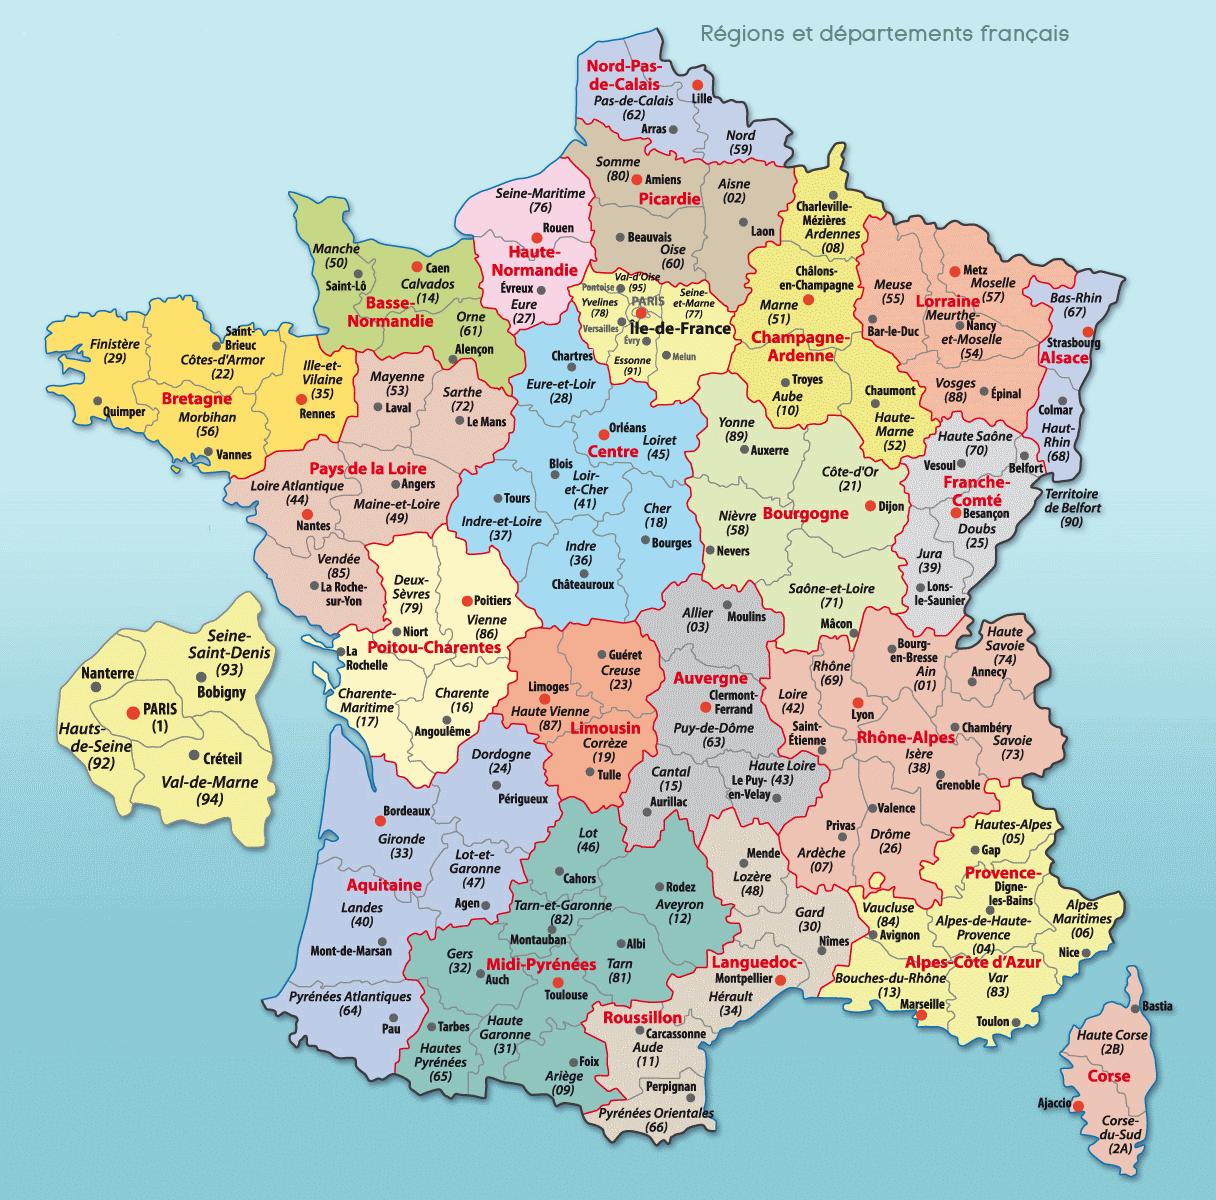 Cartes De France : Cartes Des Régions, Départements Et à Carte Des Régions Et Départements De France À Imprimer